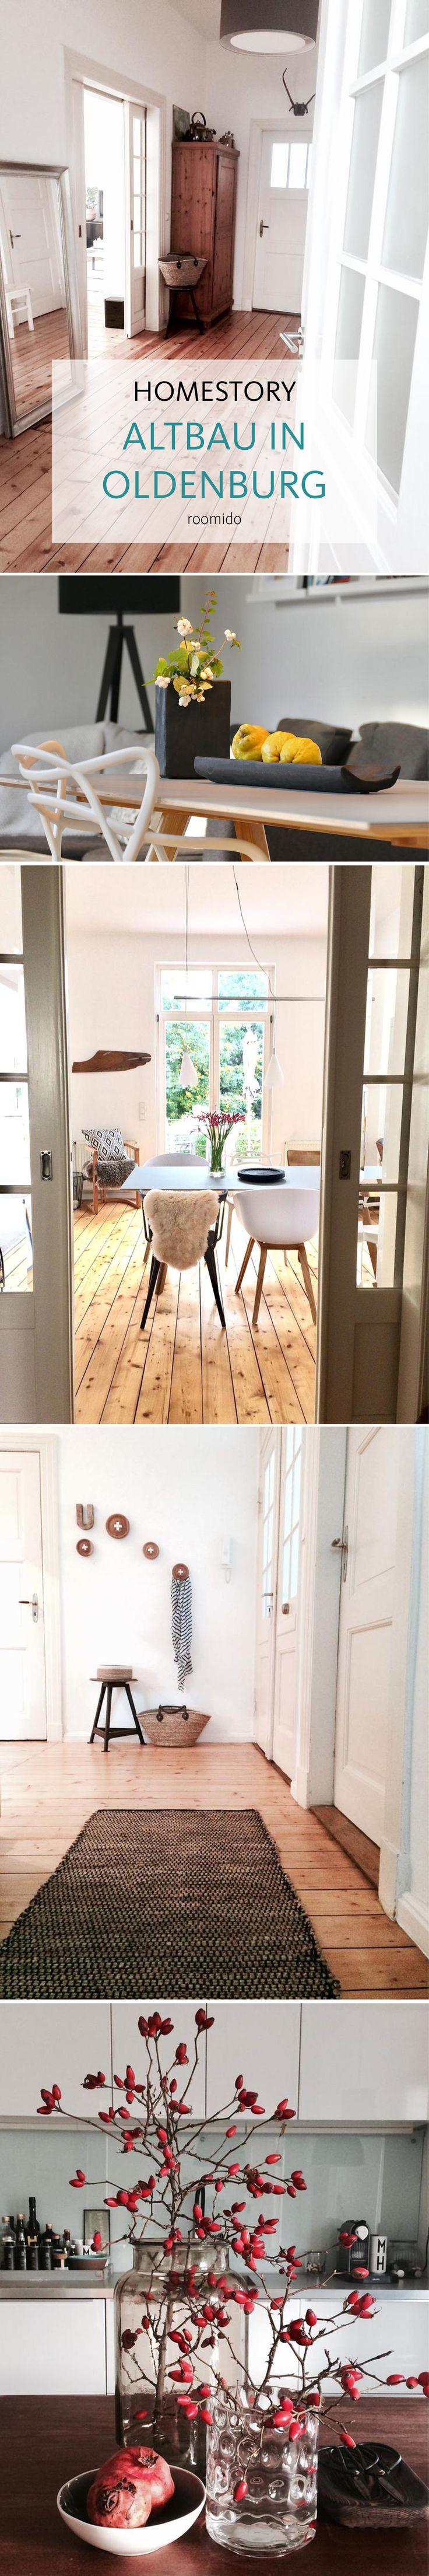 Homestory: ein wunderschöner Altbau in Oldenburg. Holzböden, viel weiß und stilvolle Wohnraumgestaltung! Mehr auf roomido.com #roomido